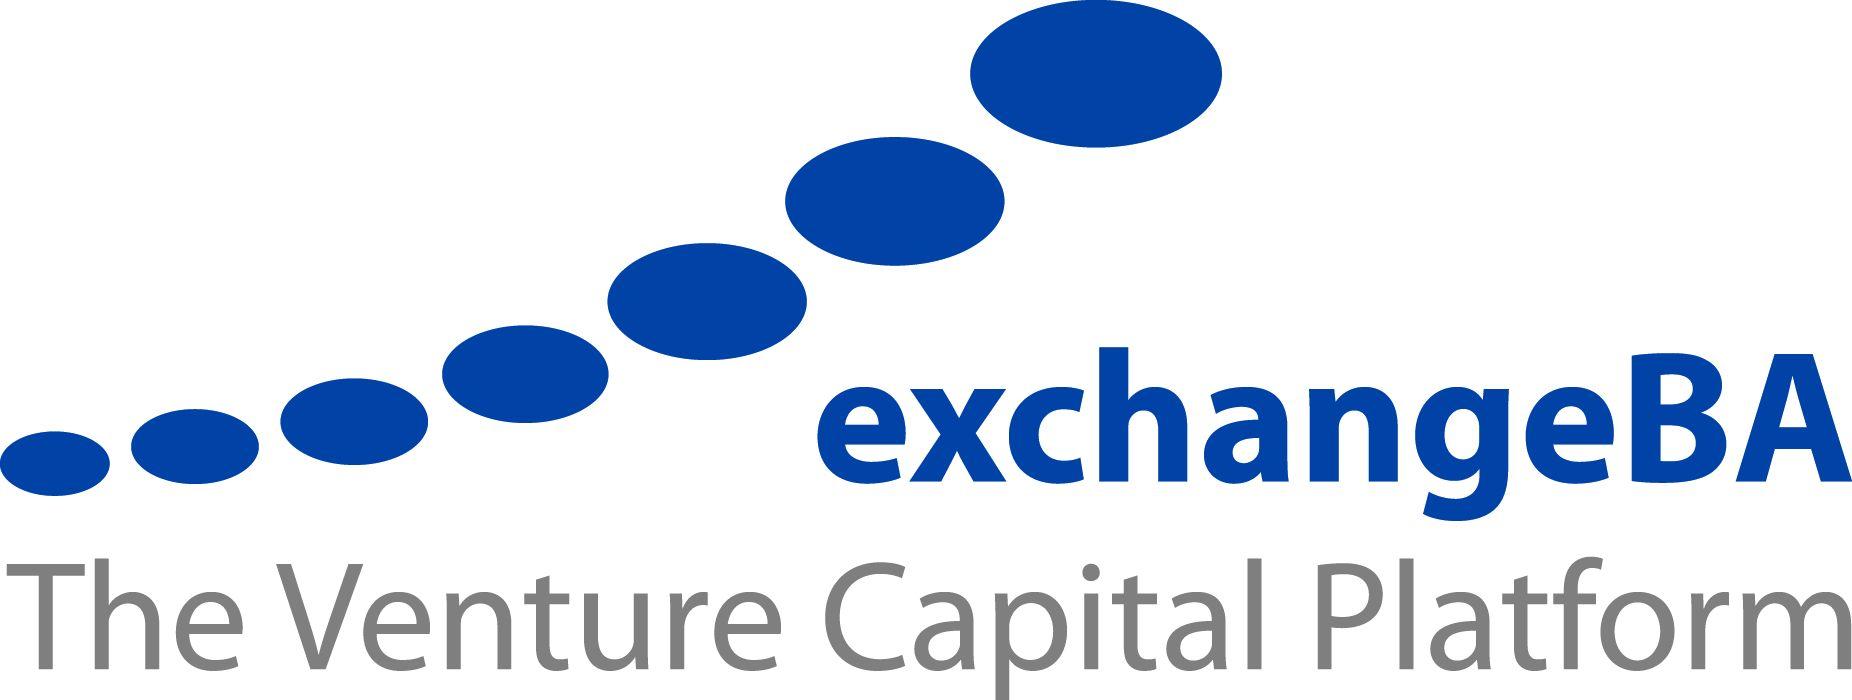 exchangeBA